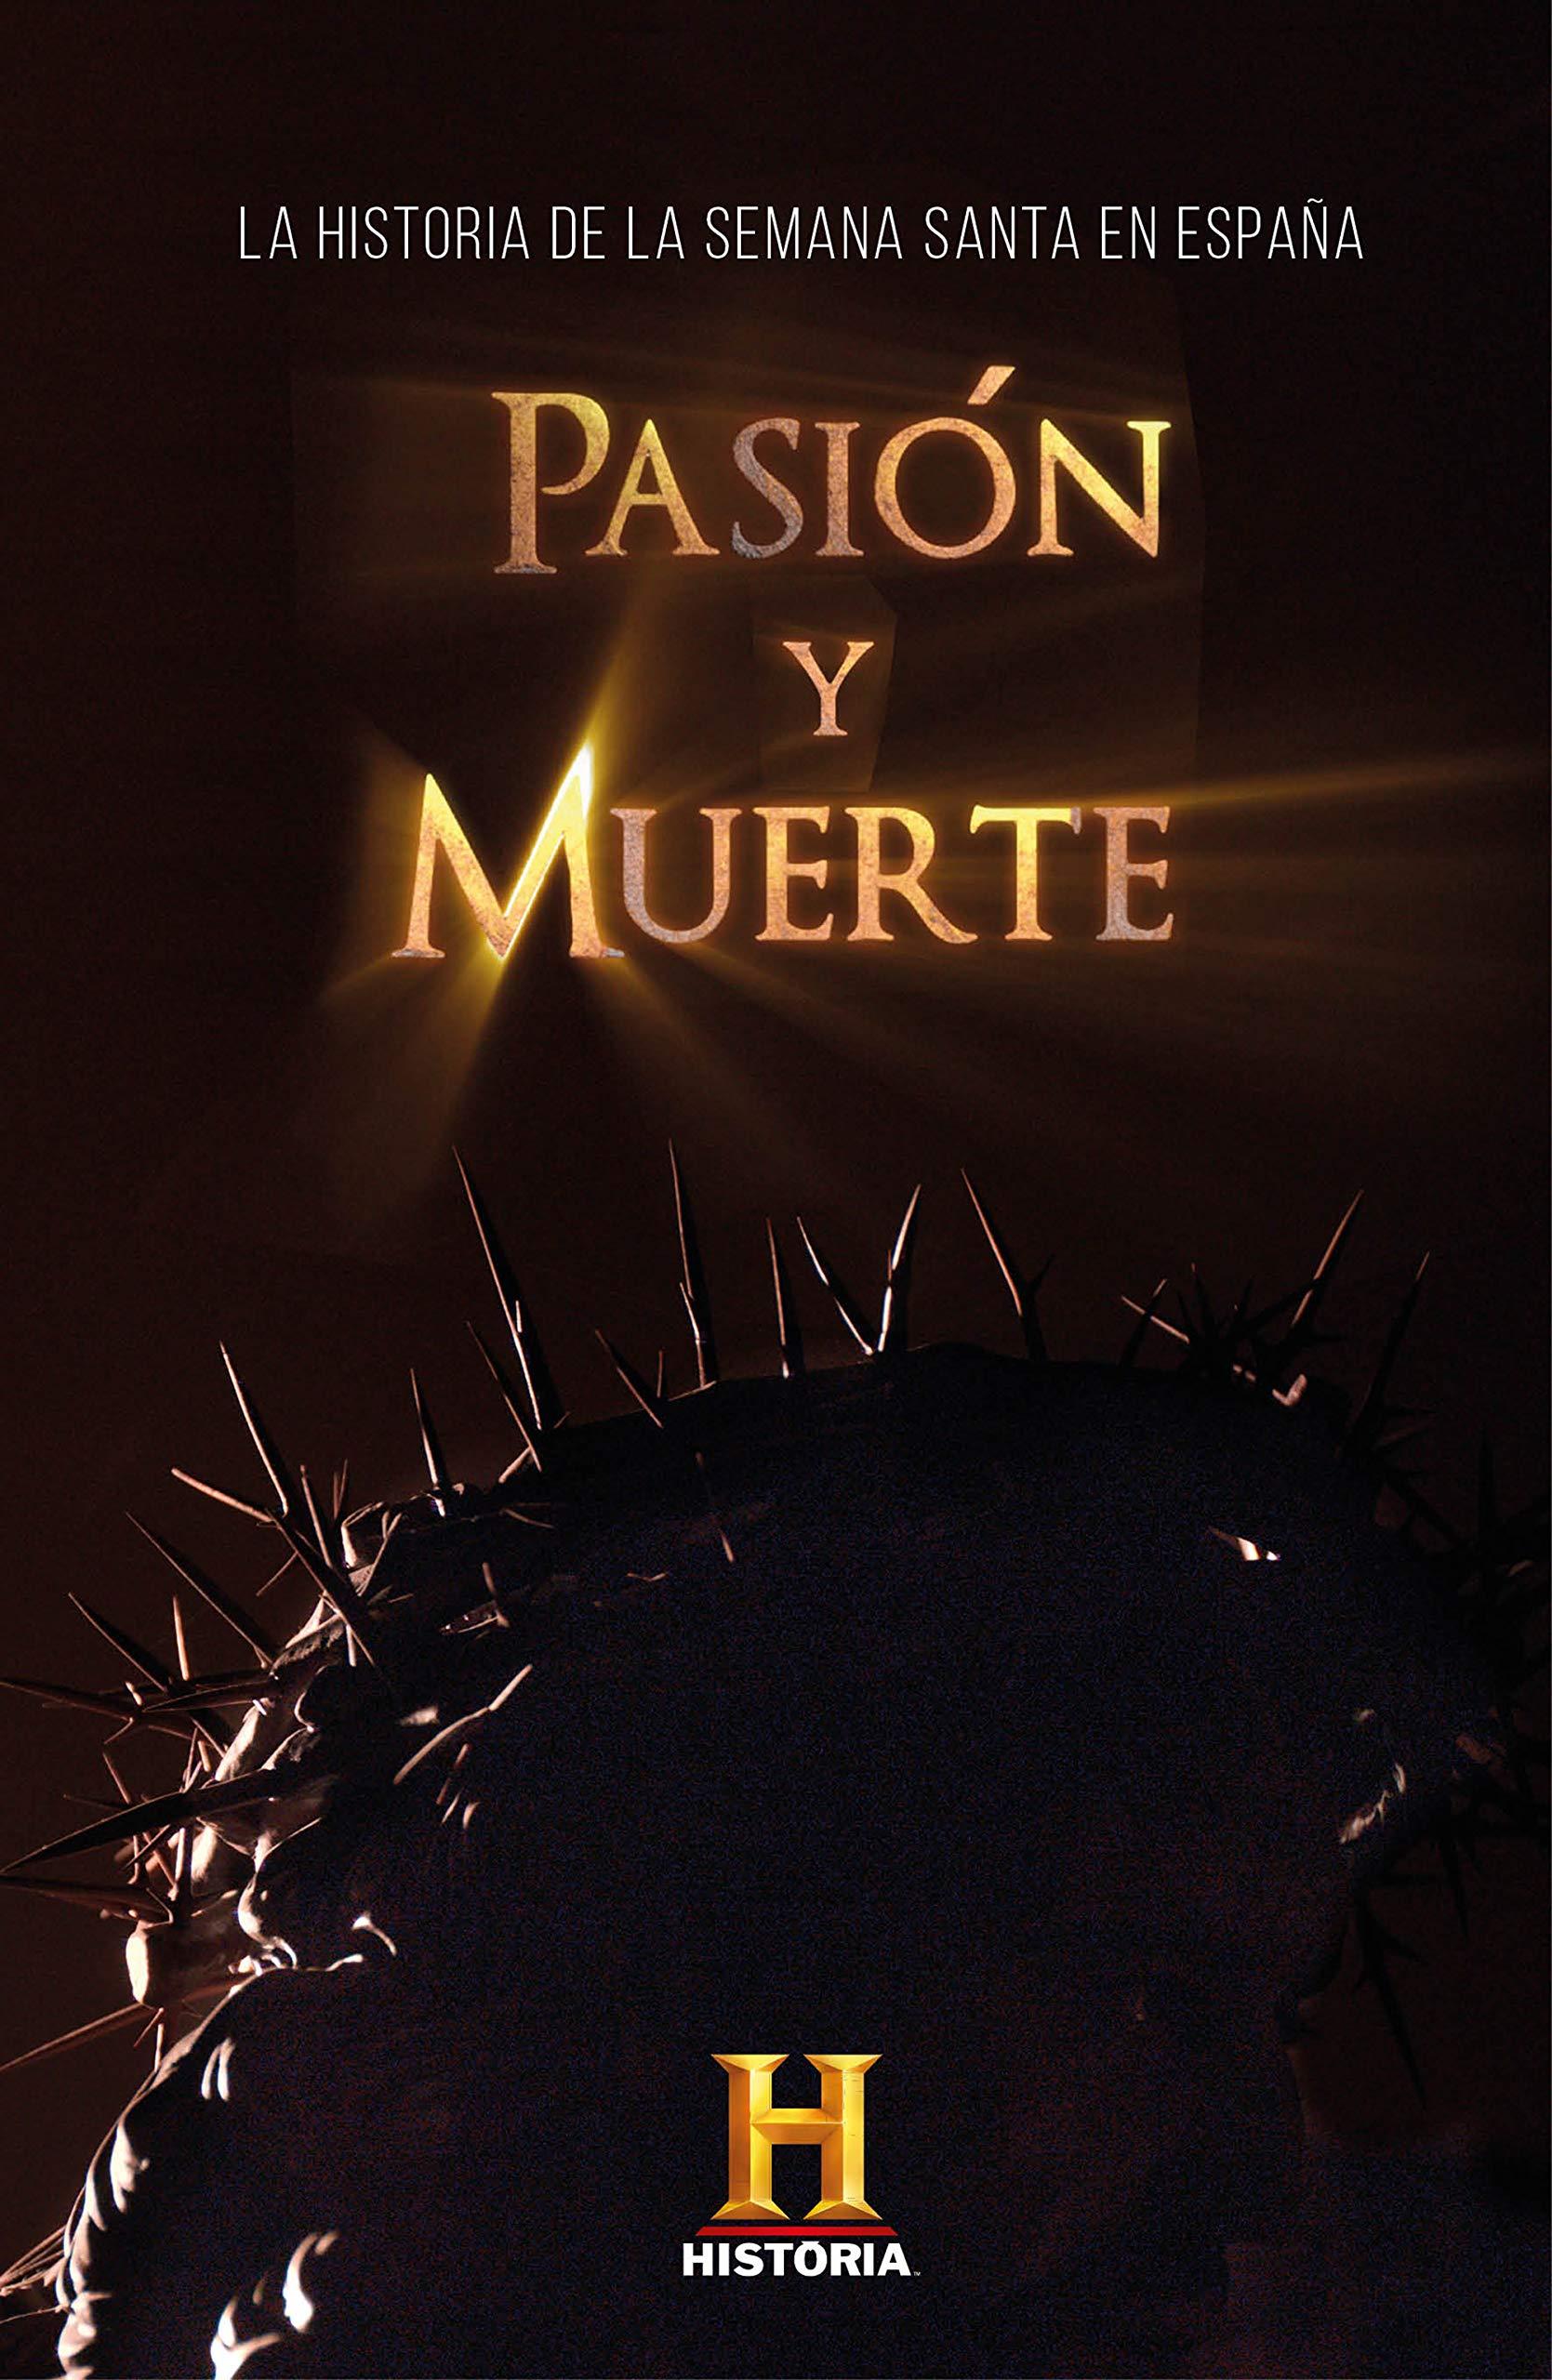 Pasión y muerte: La historia de la Semana Santa en España Obras diversas: Amazon.es: Canal Historia: Libros